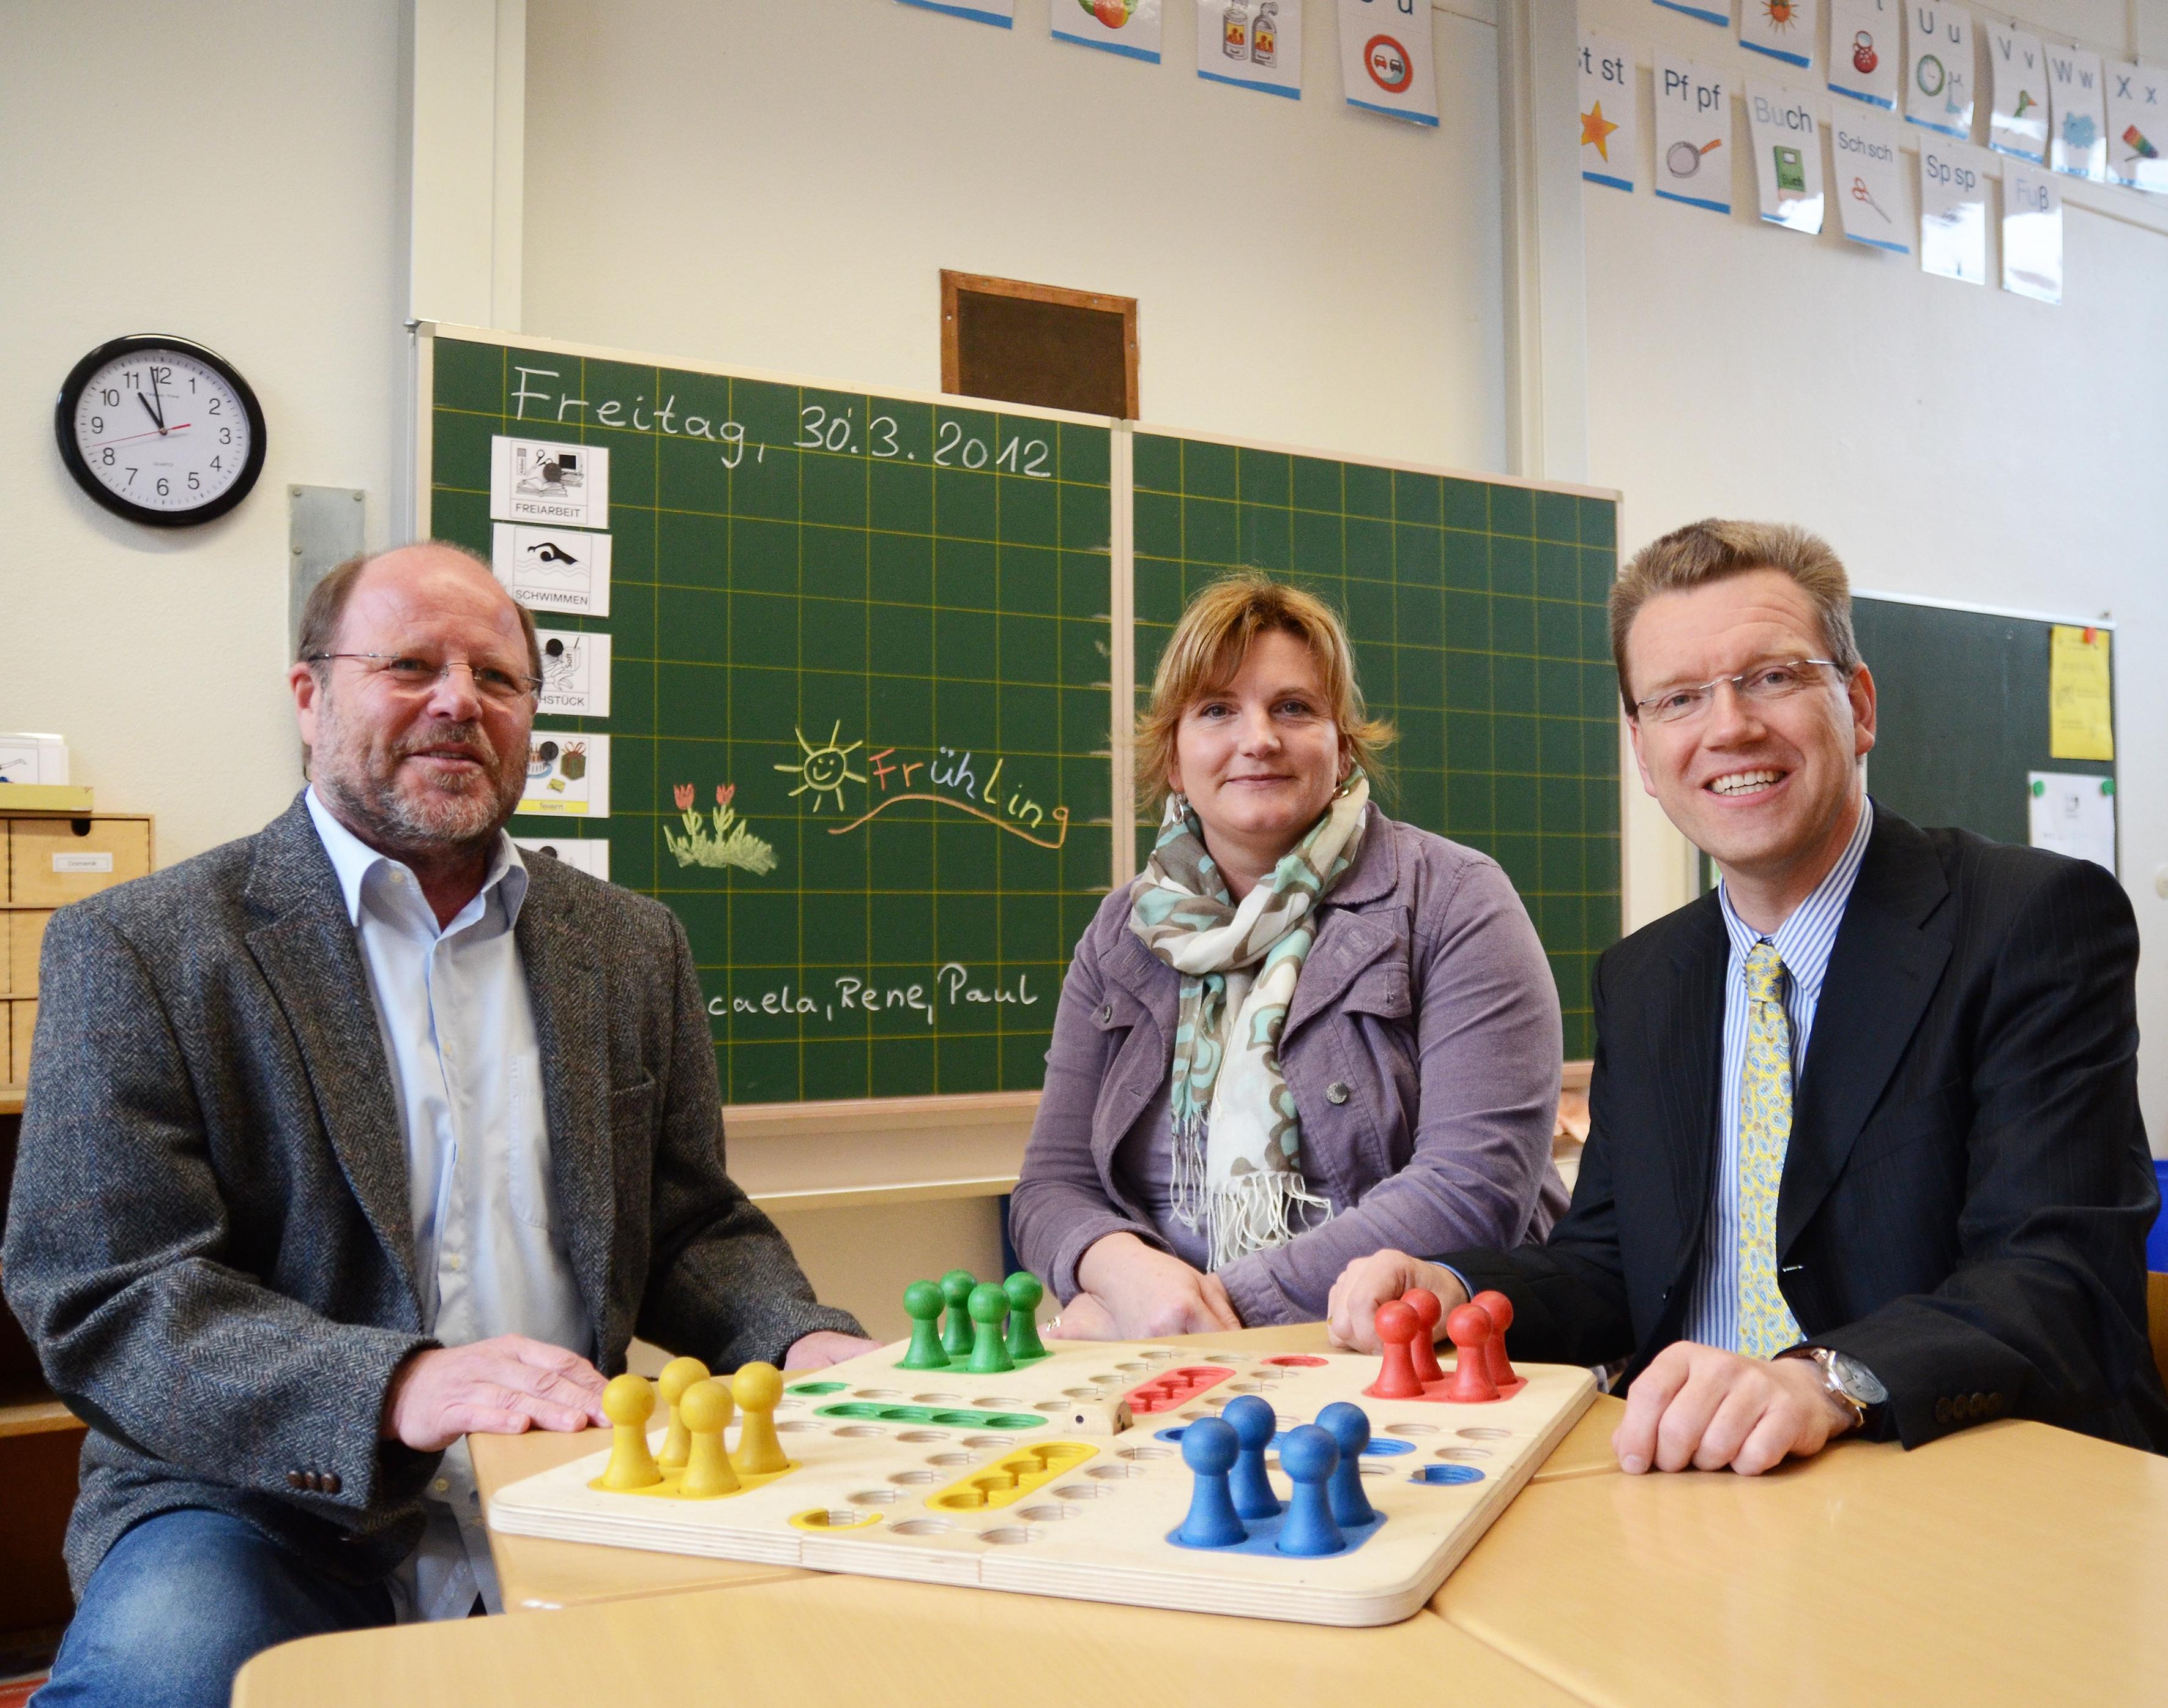 Prof. Dr. Hanns Rüdiger Röttgers, Ute van Ellen, Ulrich Eisenhardt